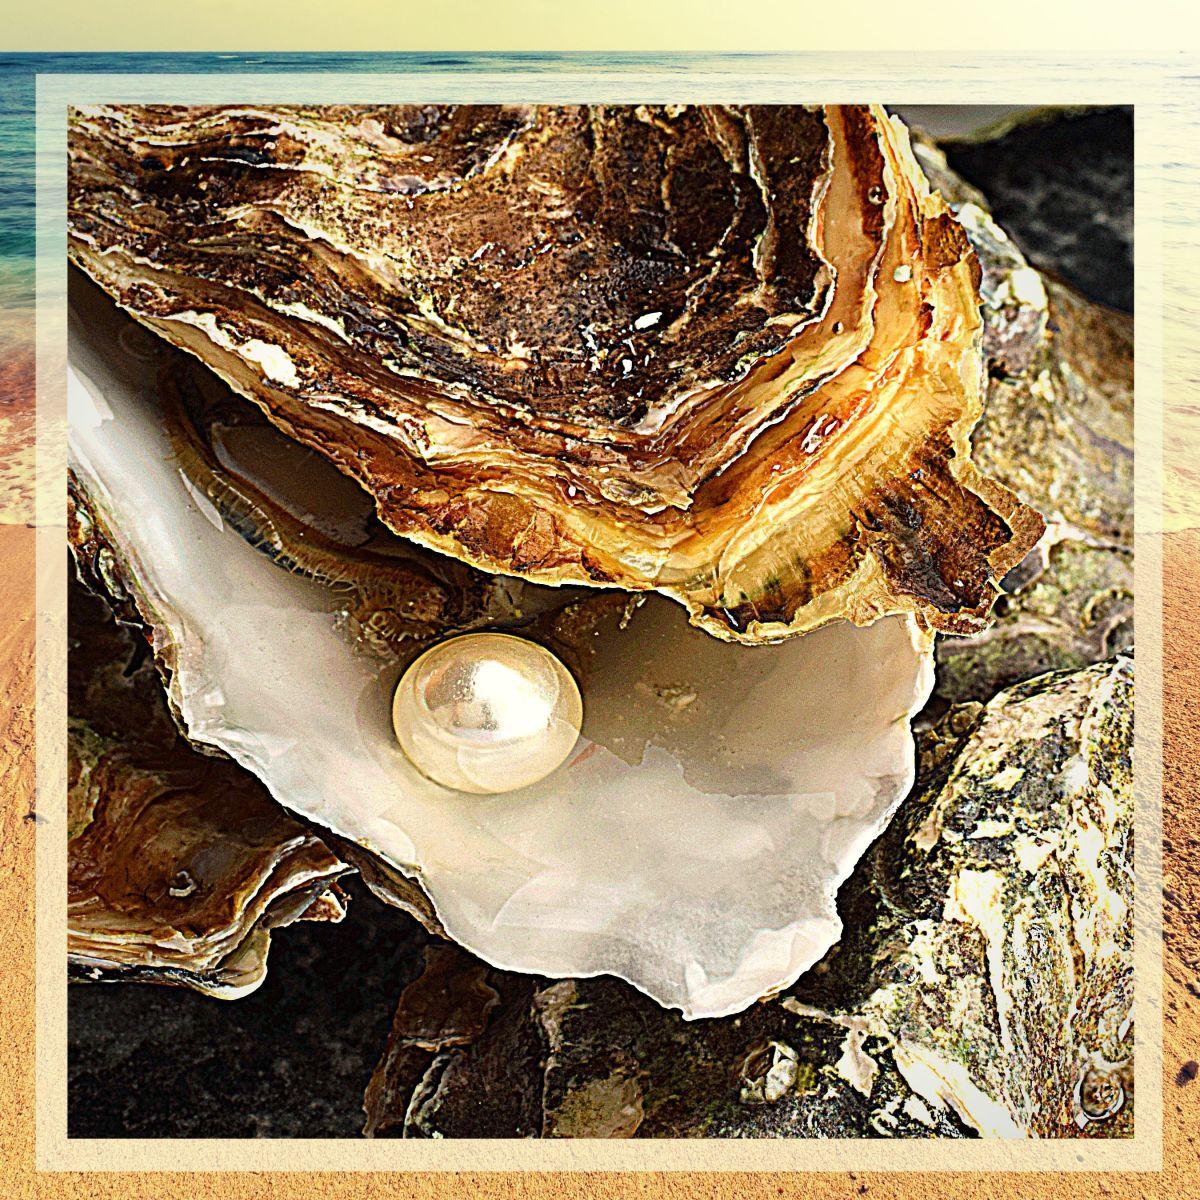 Pearls and Pearl Varieties